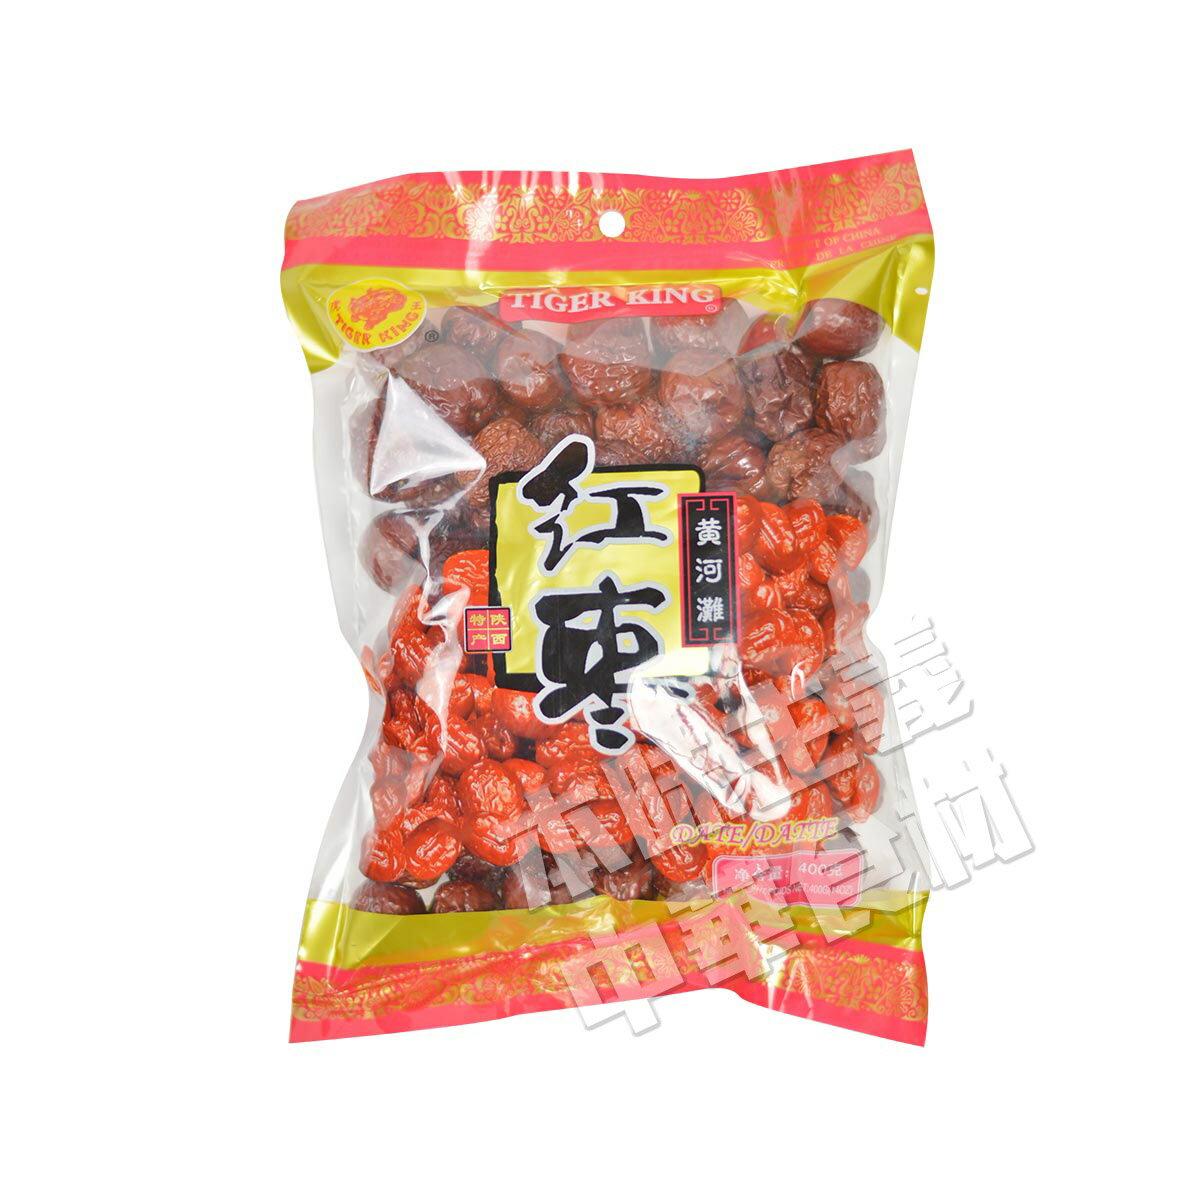 黄河灘 大紅棗 乾燥なつめ 400g(種有りナツメ)天然緑色食品・健康栄養食材・中華名物・人気商品